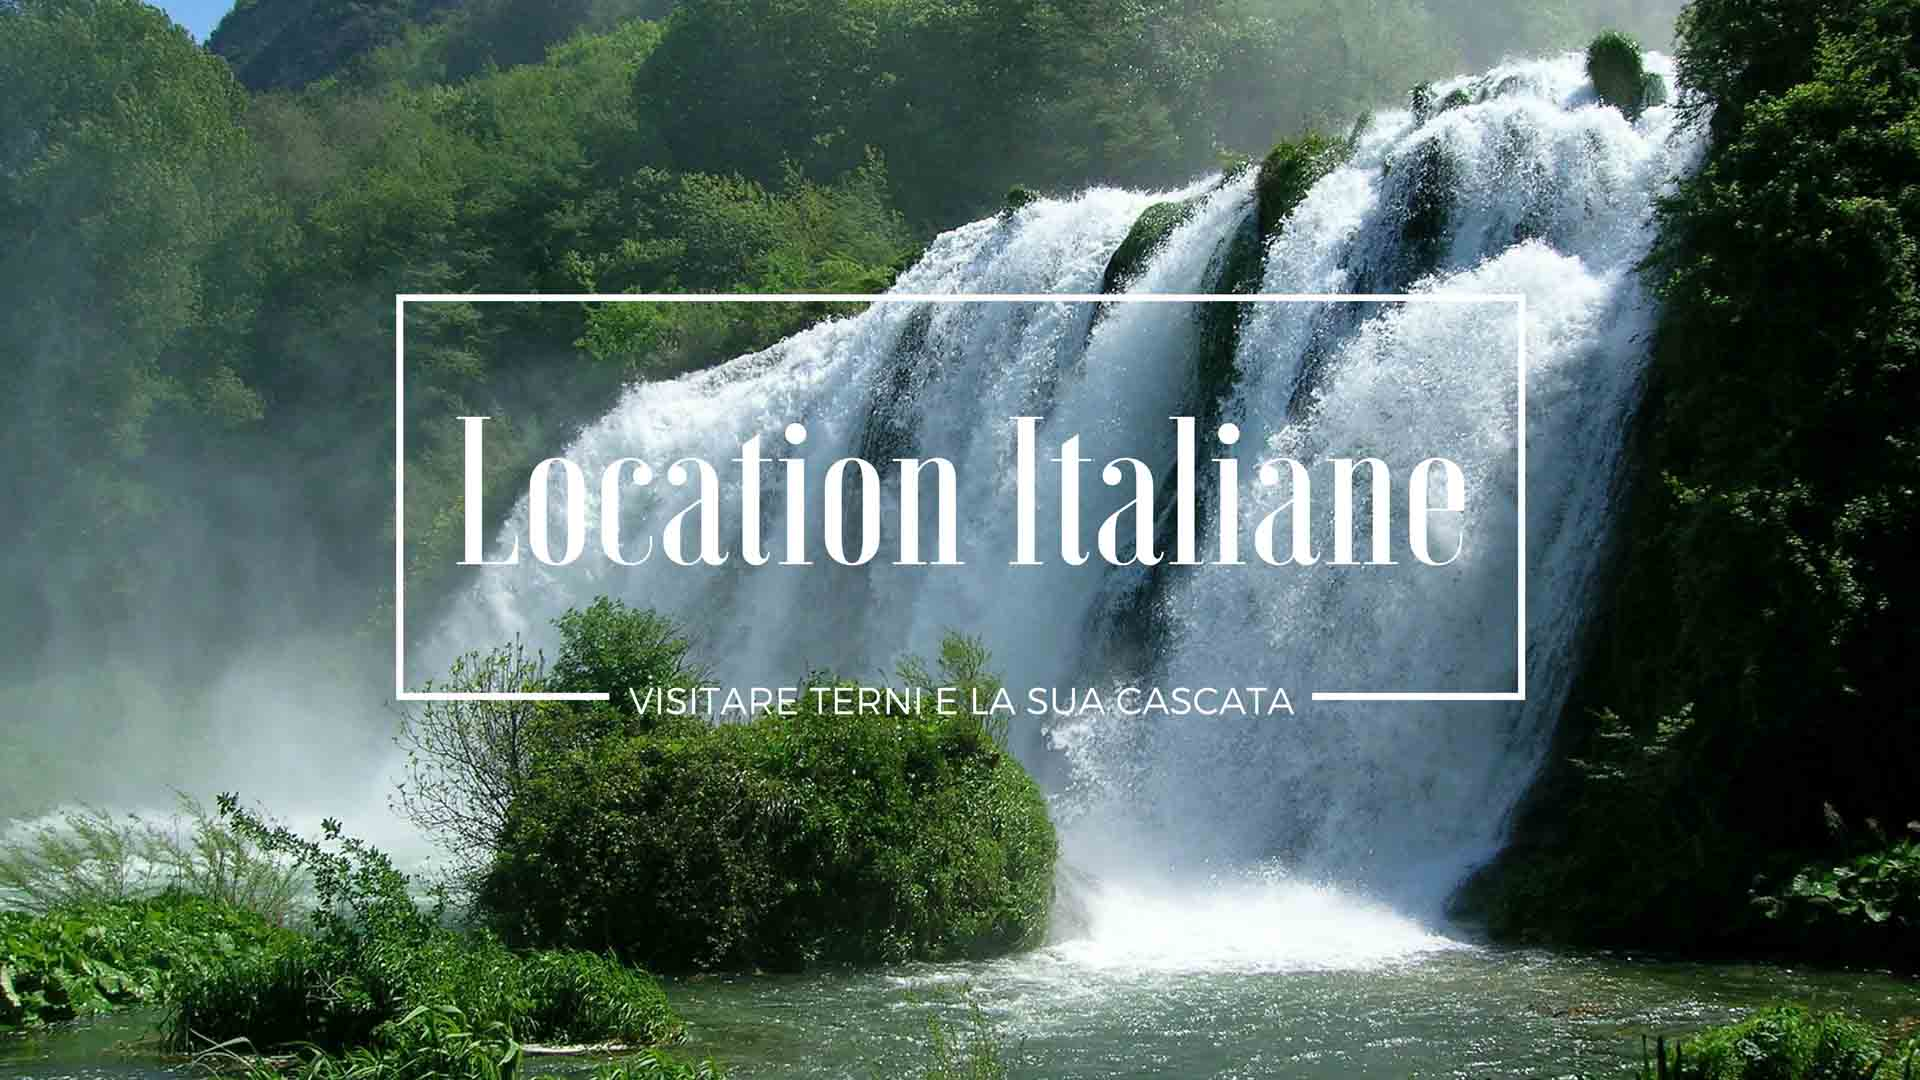 Visitare Terni e la sua cascata